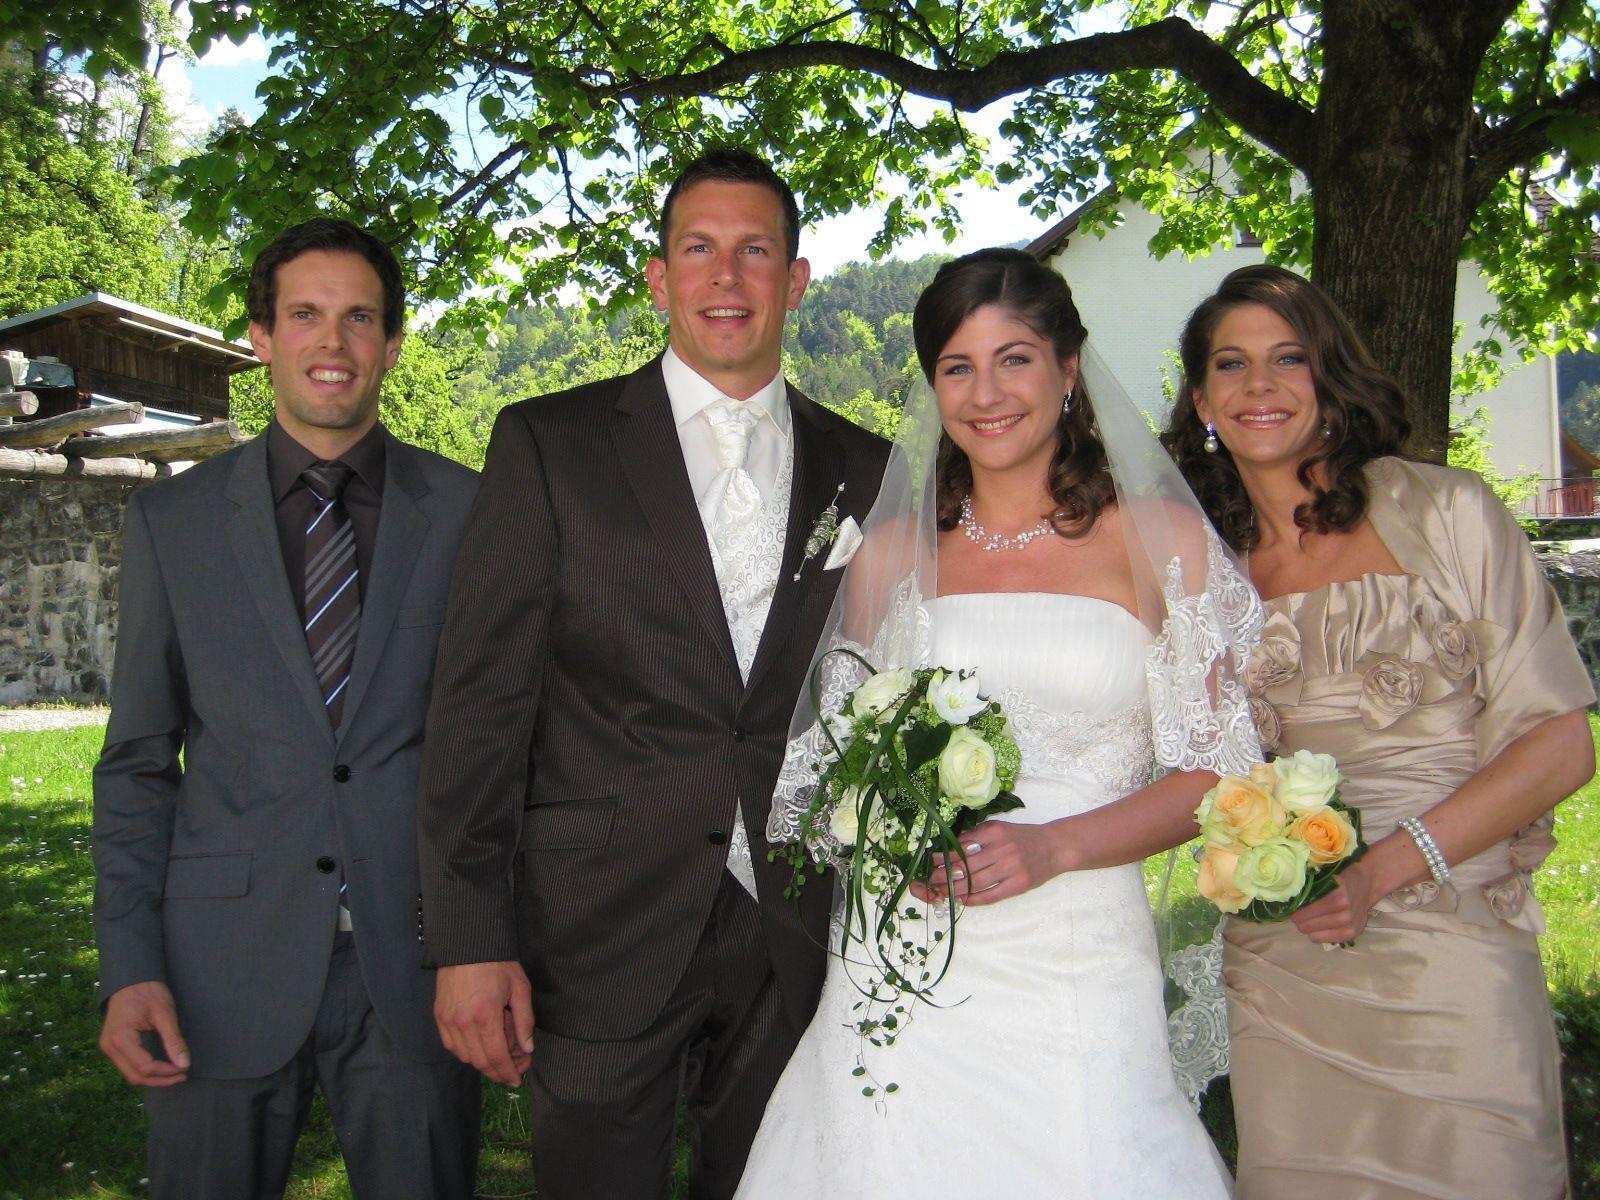 Nadja Mätzler und Martin Boll haben geheiratet.